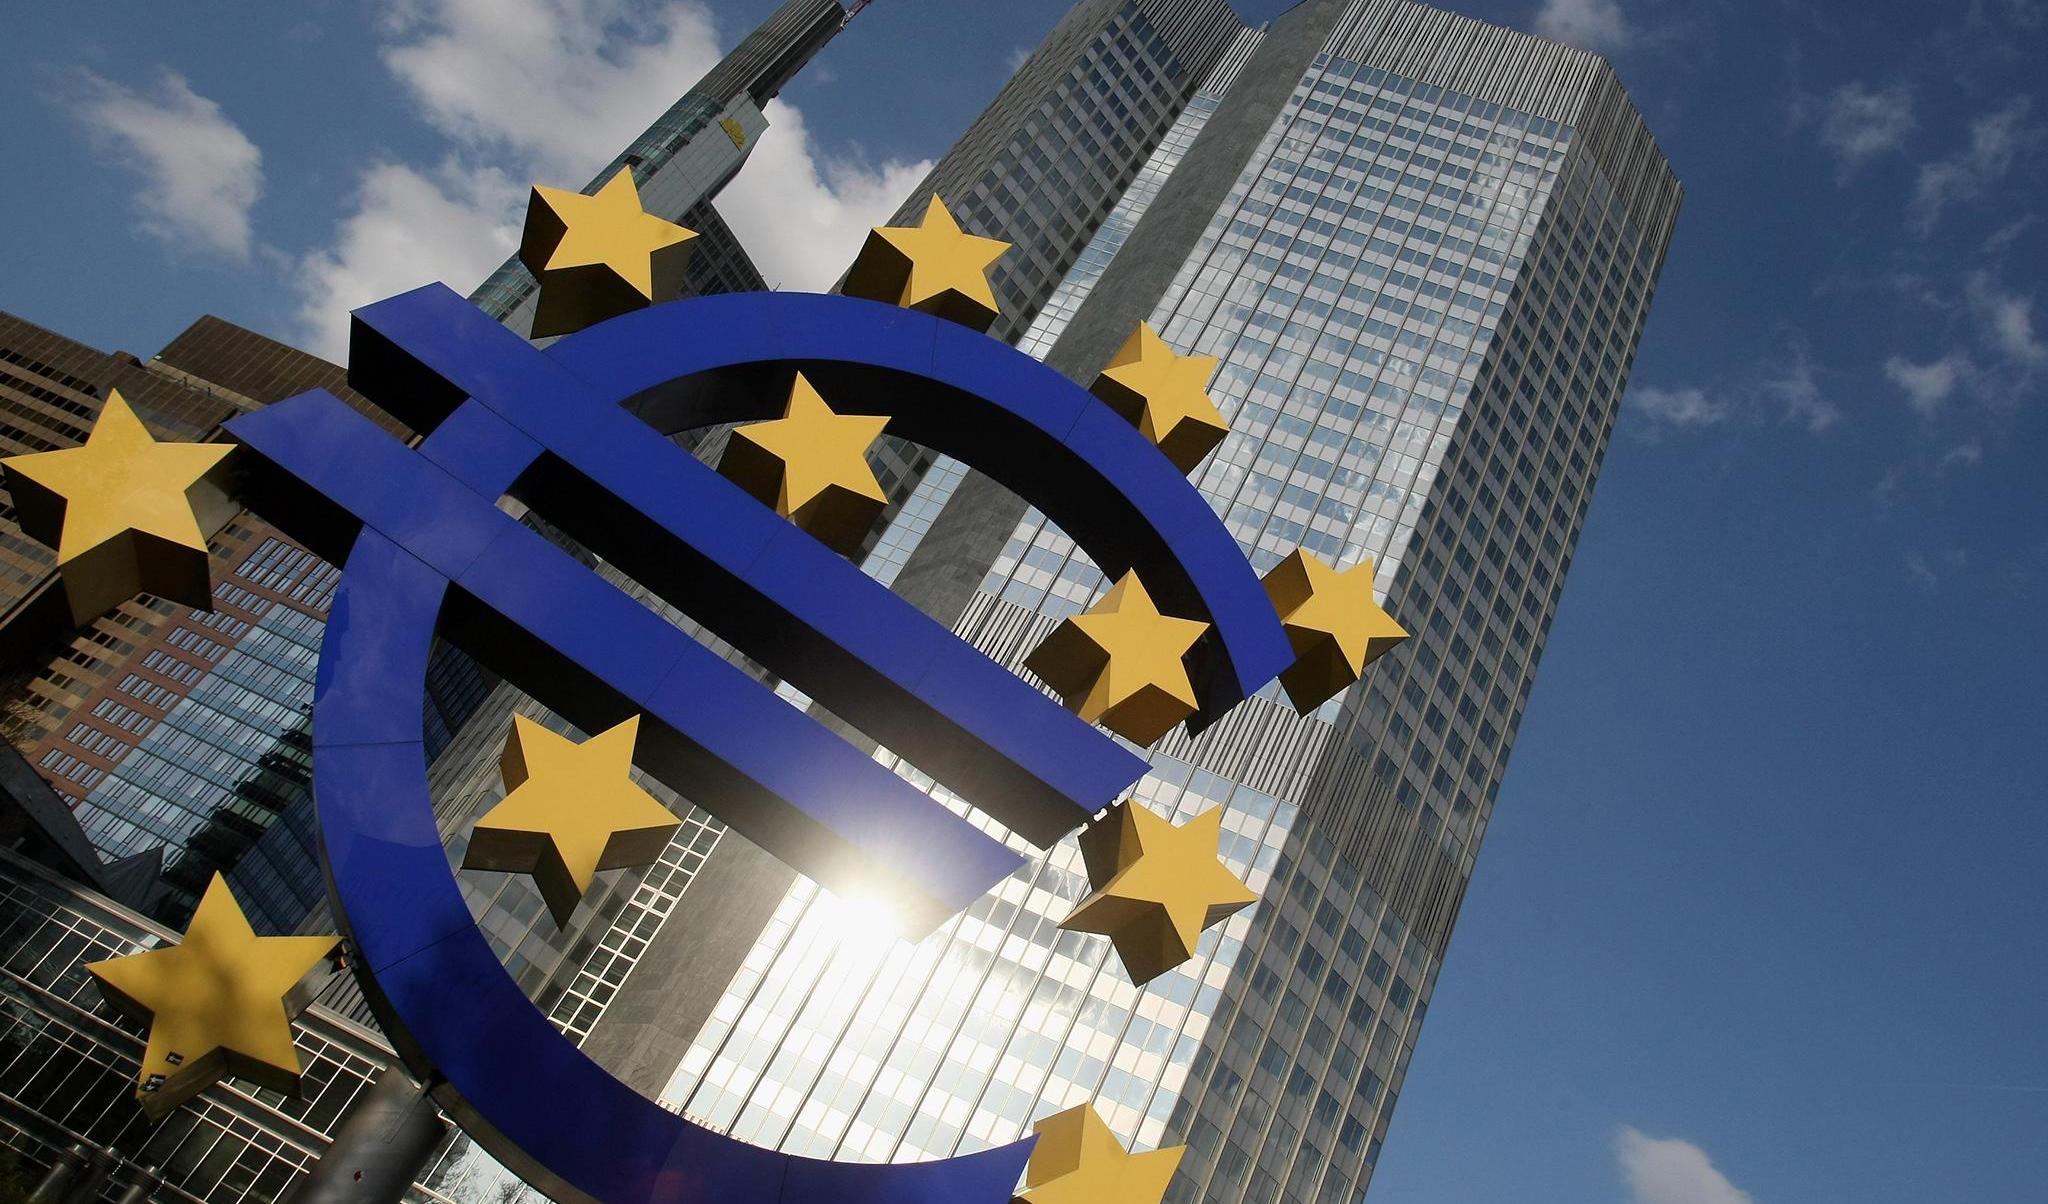 نرخ بیکاری در کشورهای اروپایی چقدر است؟